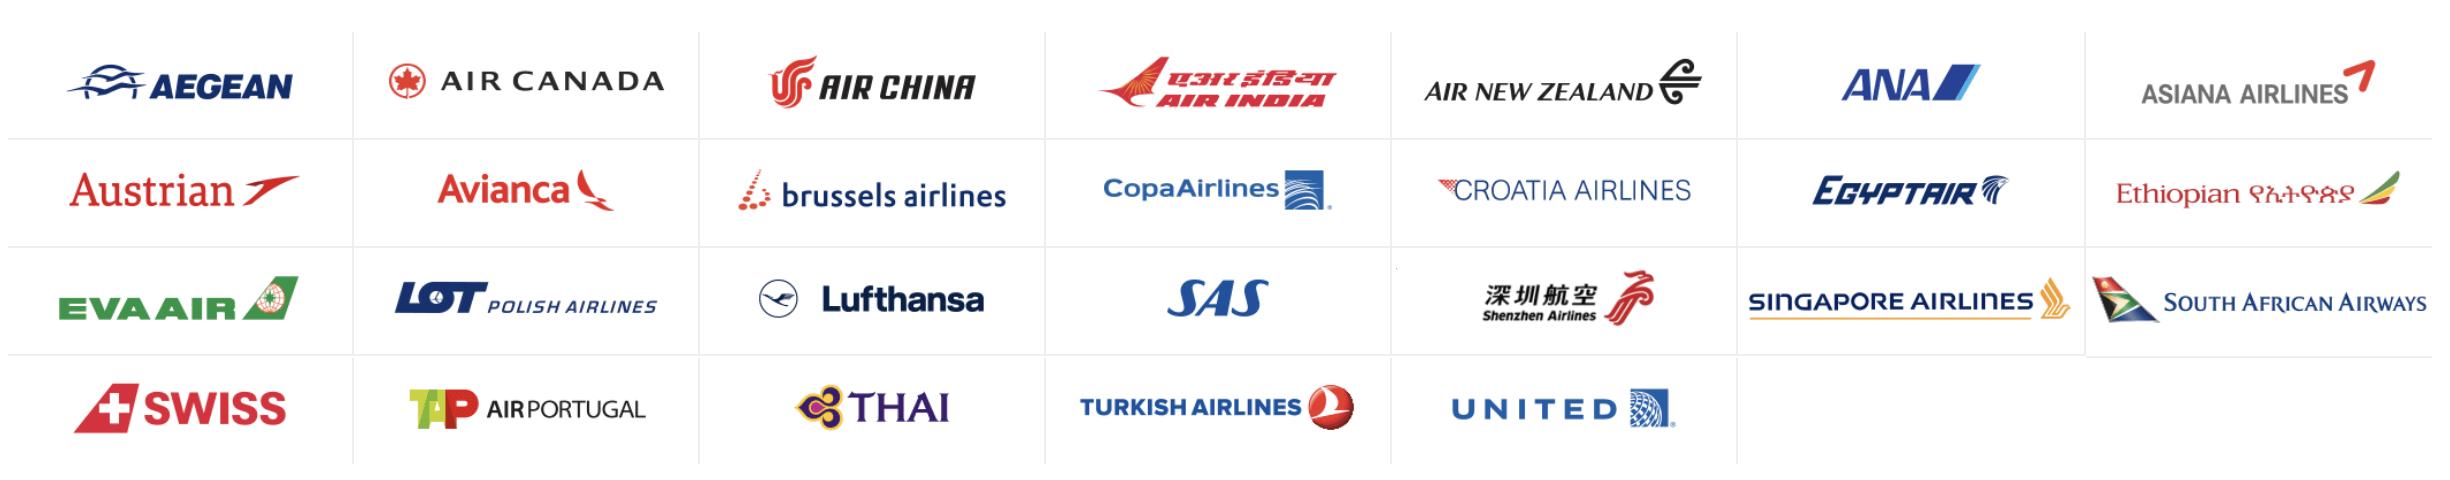 スターアライアンス加盟航空会社(2020年6月版)